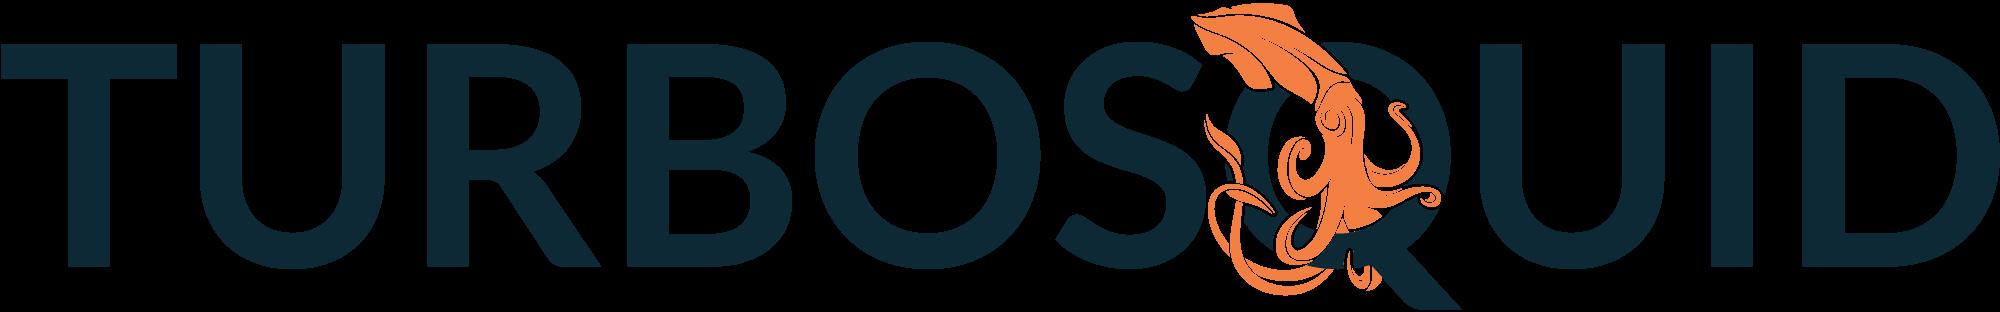 Turbosquid Logo | AIE